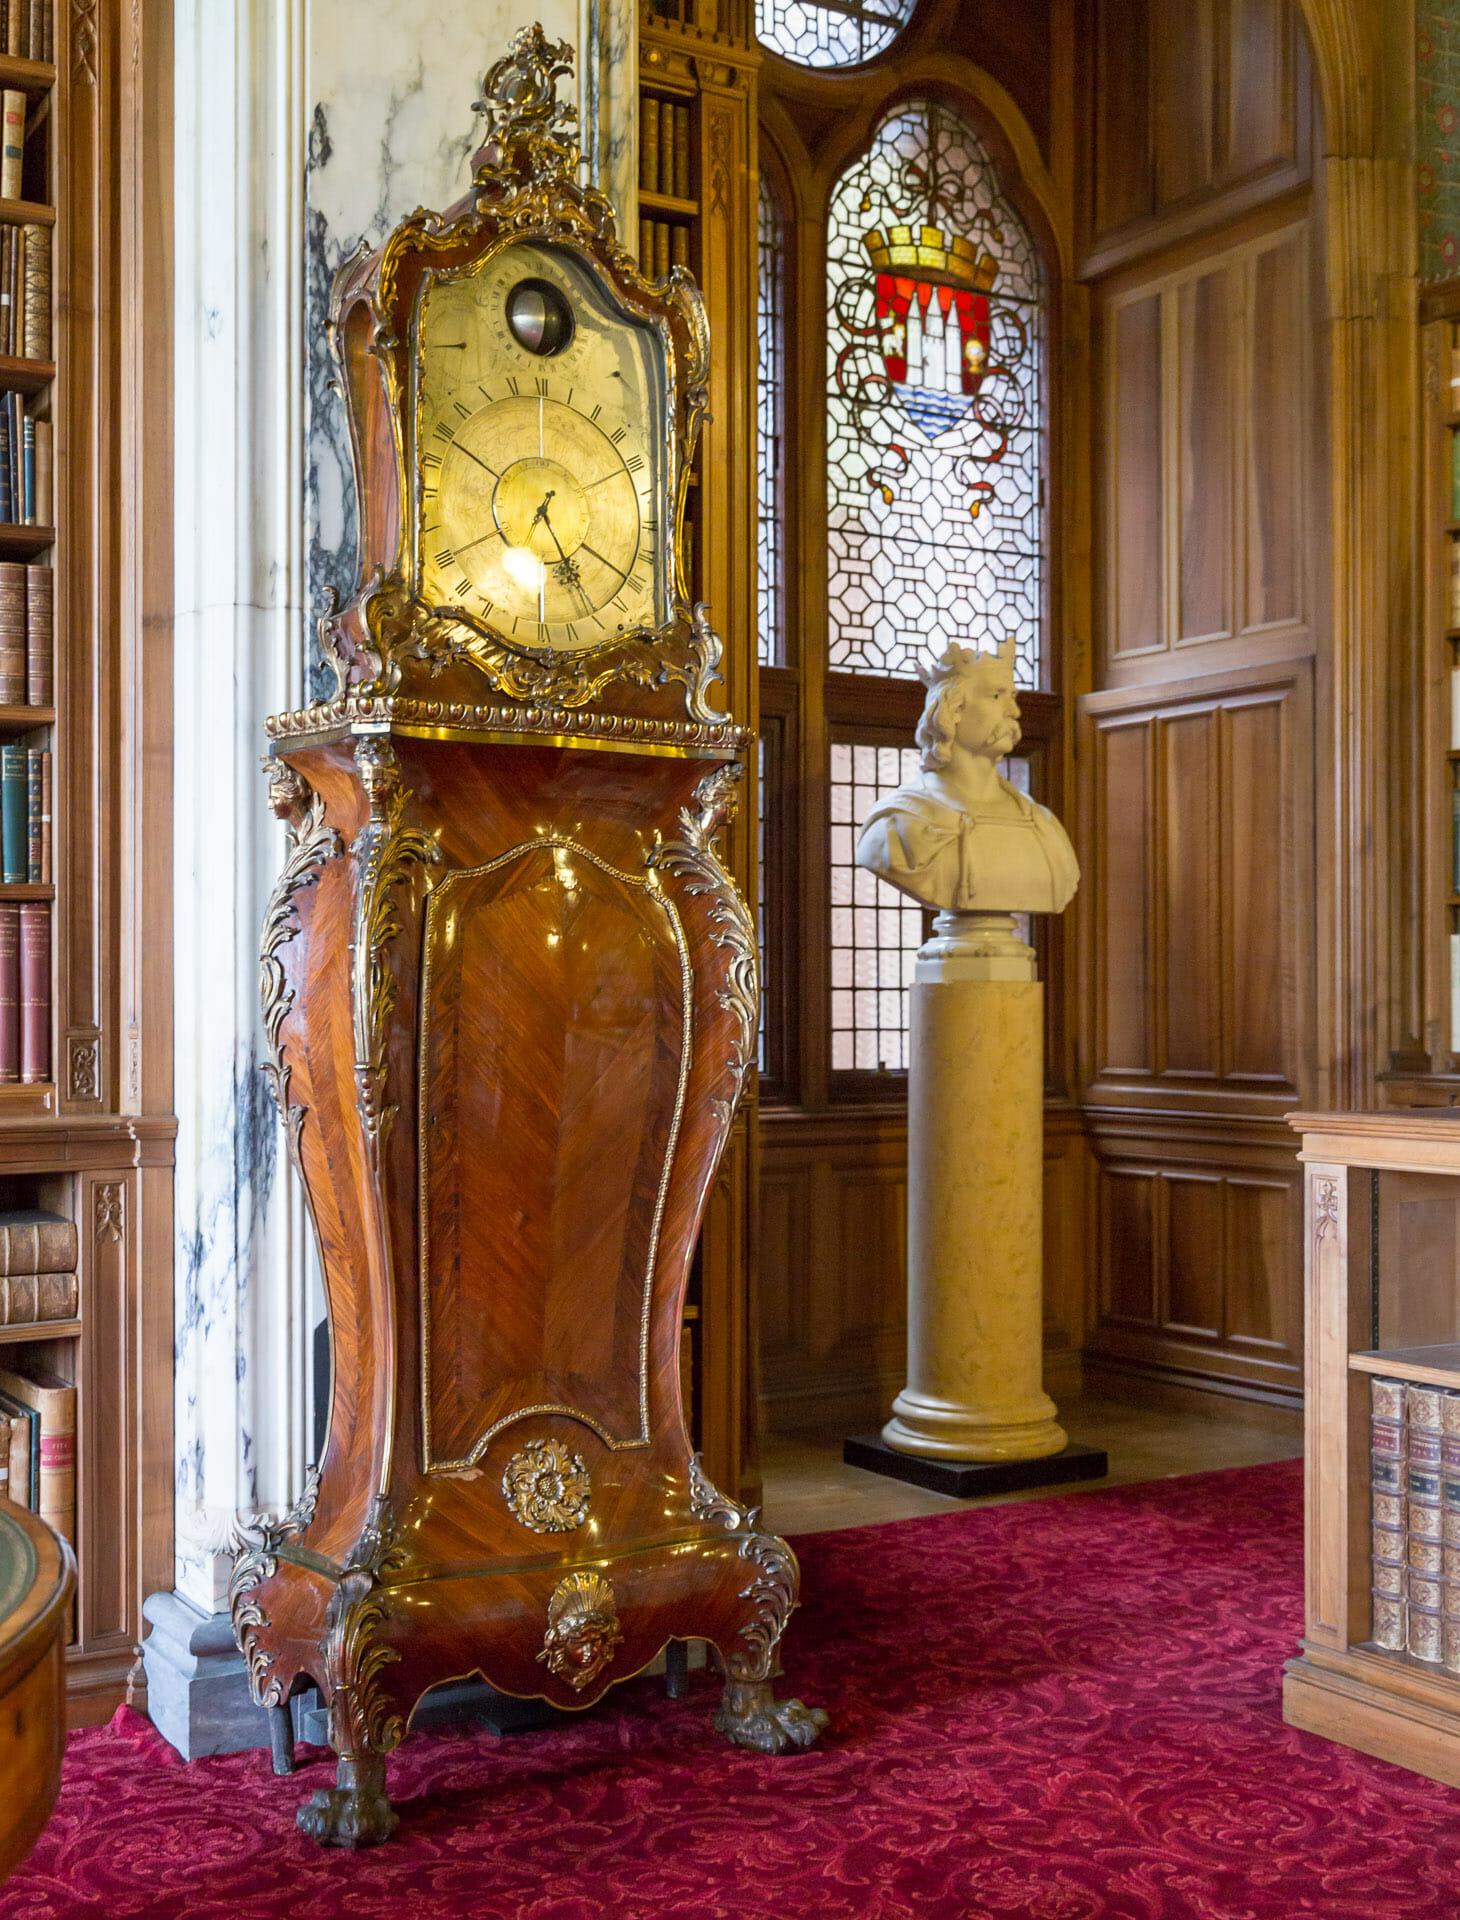 Alte Uhr in der Bibliothek